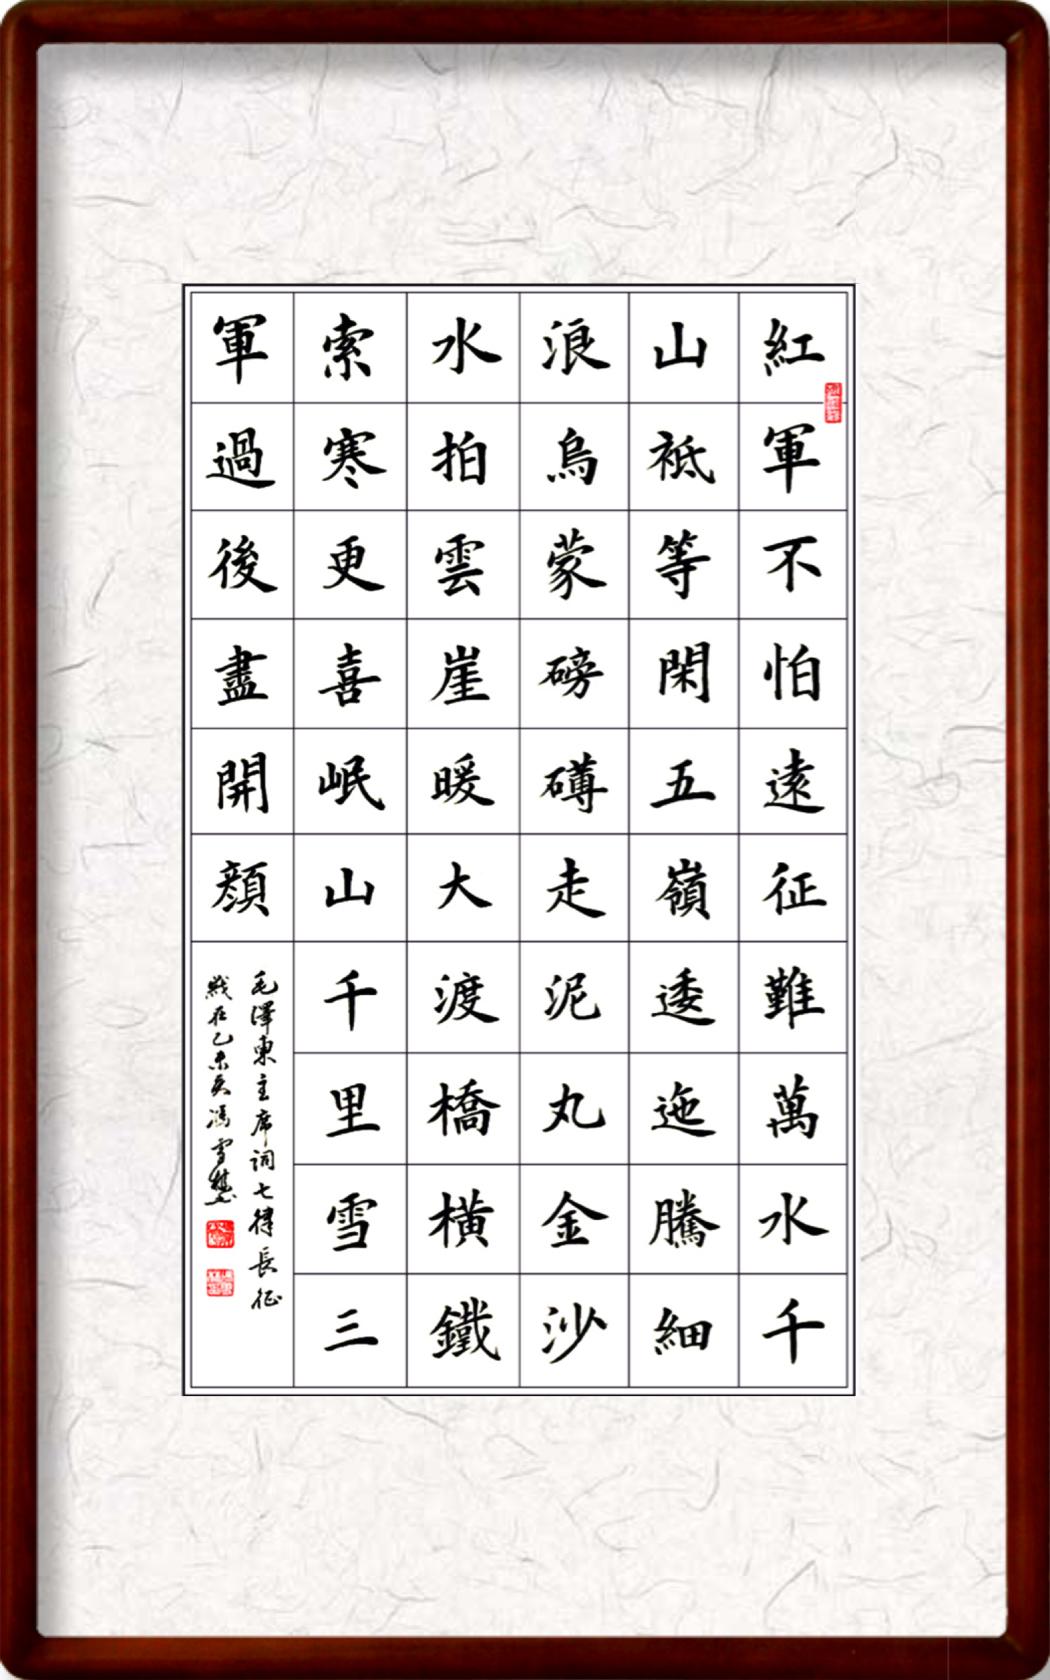 《七律长征》楷书、红军不怕远征难书法作品欣赏